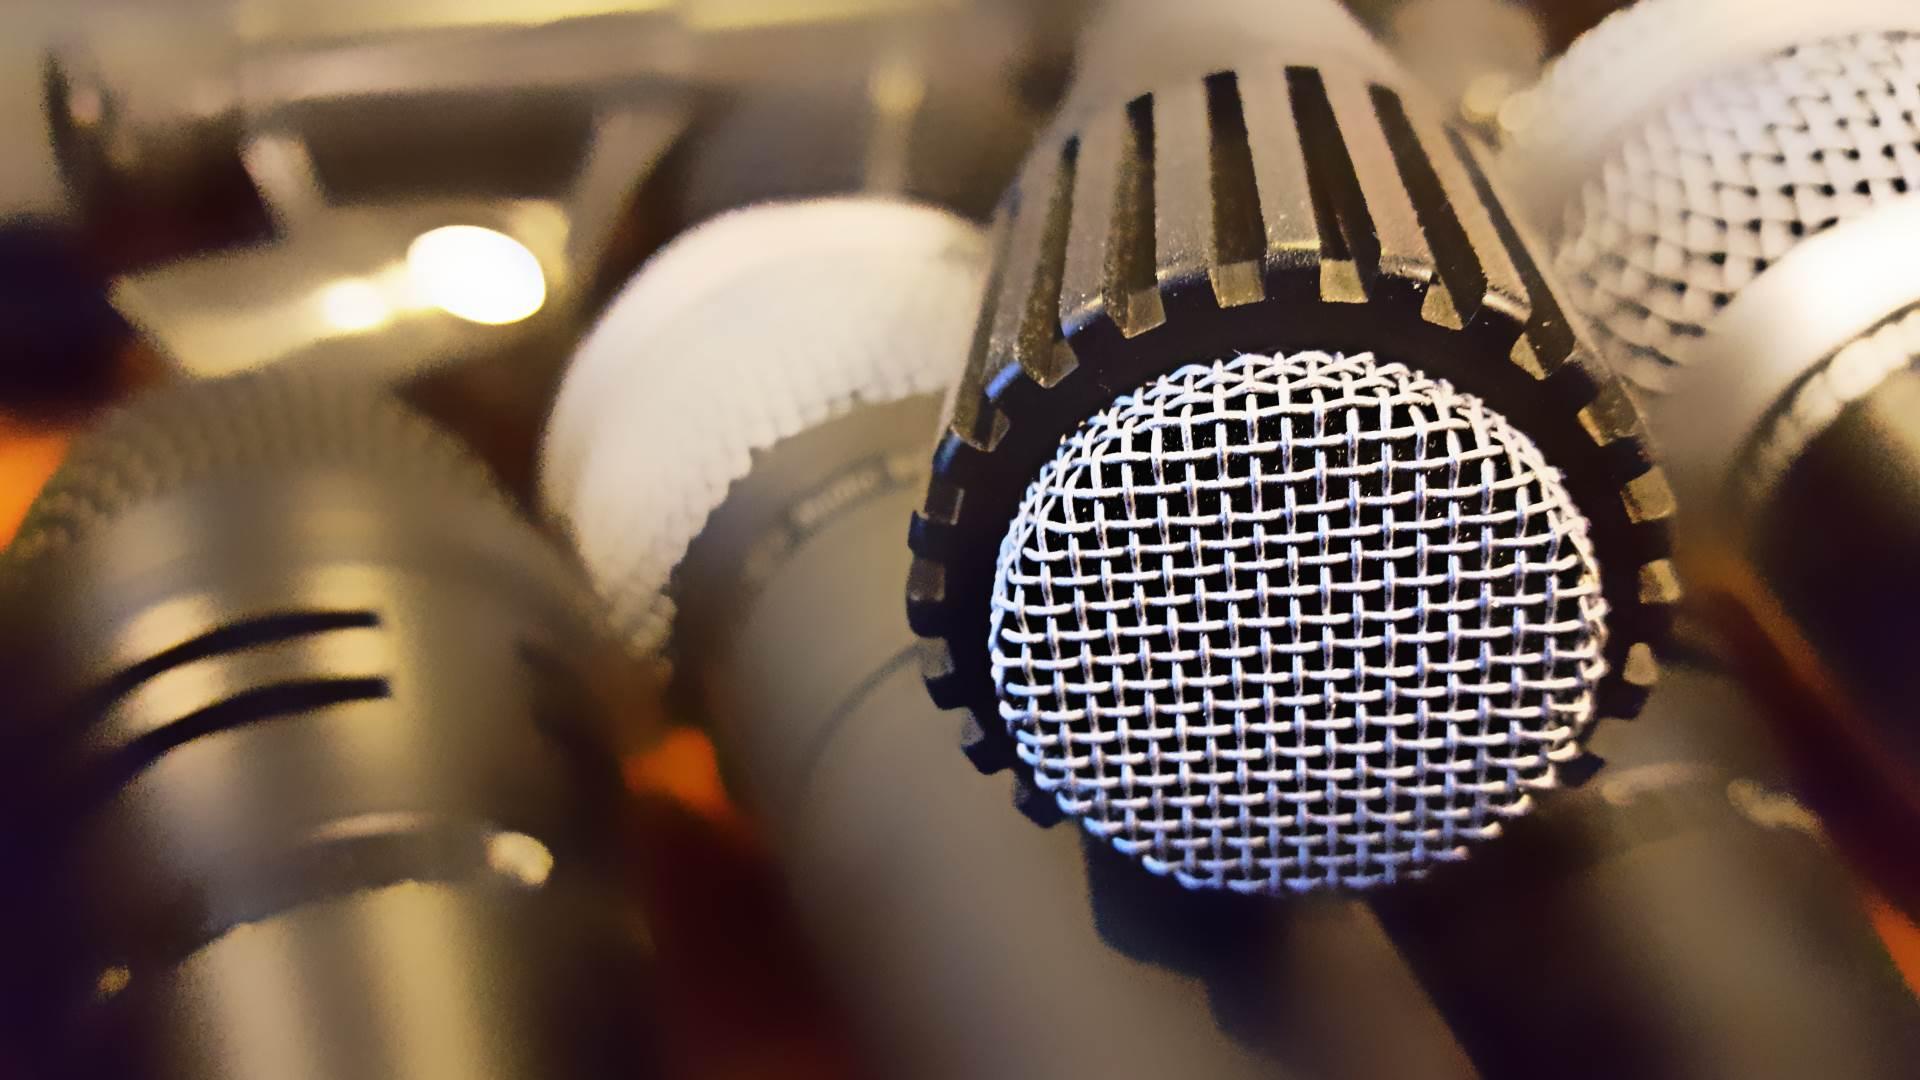 תוצאת תמונה עבור Very high resolution mic